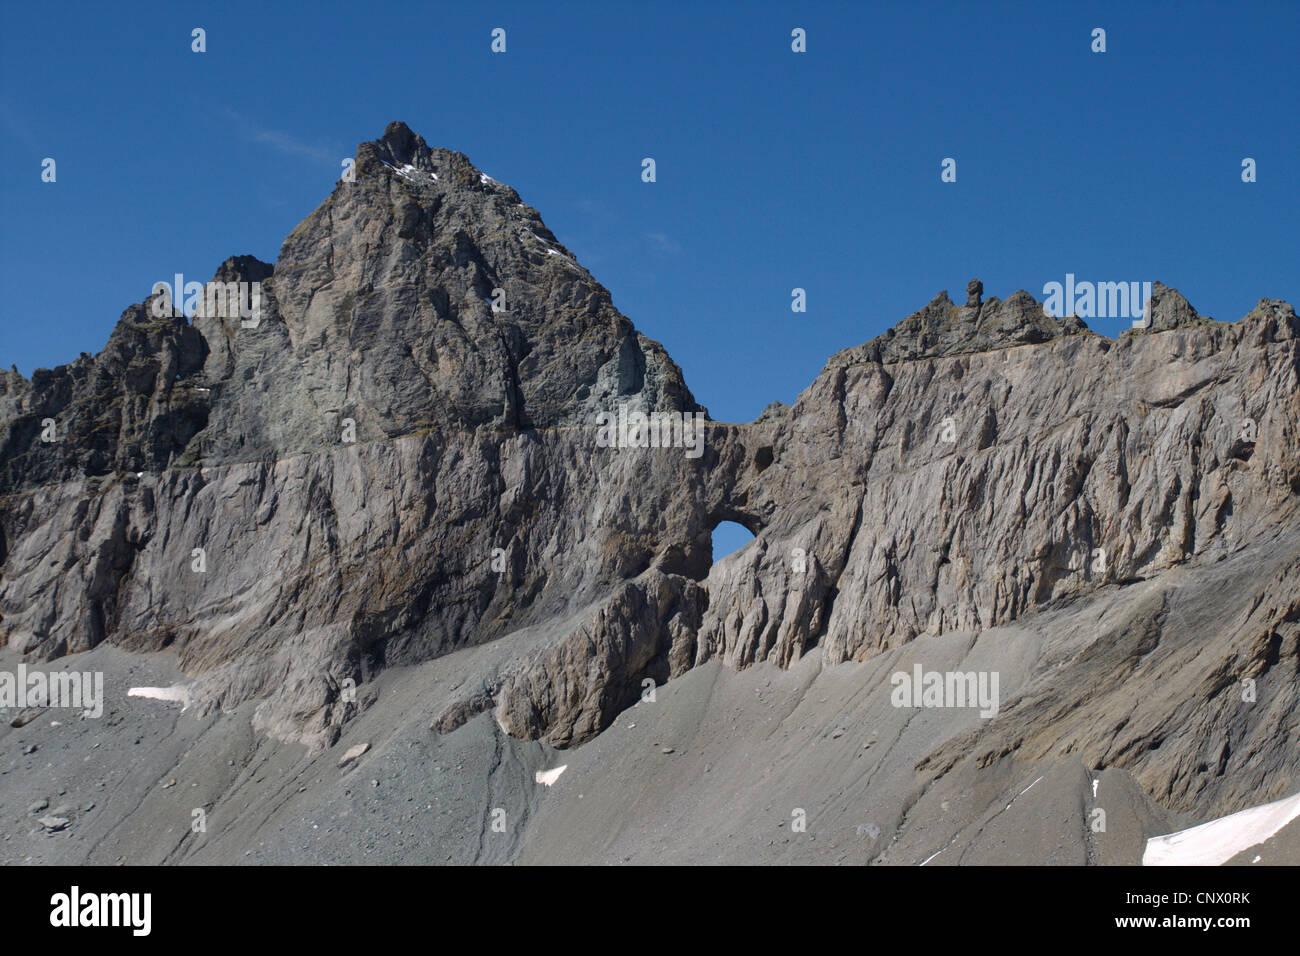 Glarus thrust in the Tschingelhoerner with Martinsloch, Switzerland - Stock Image